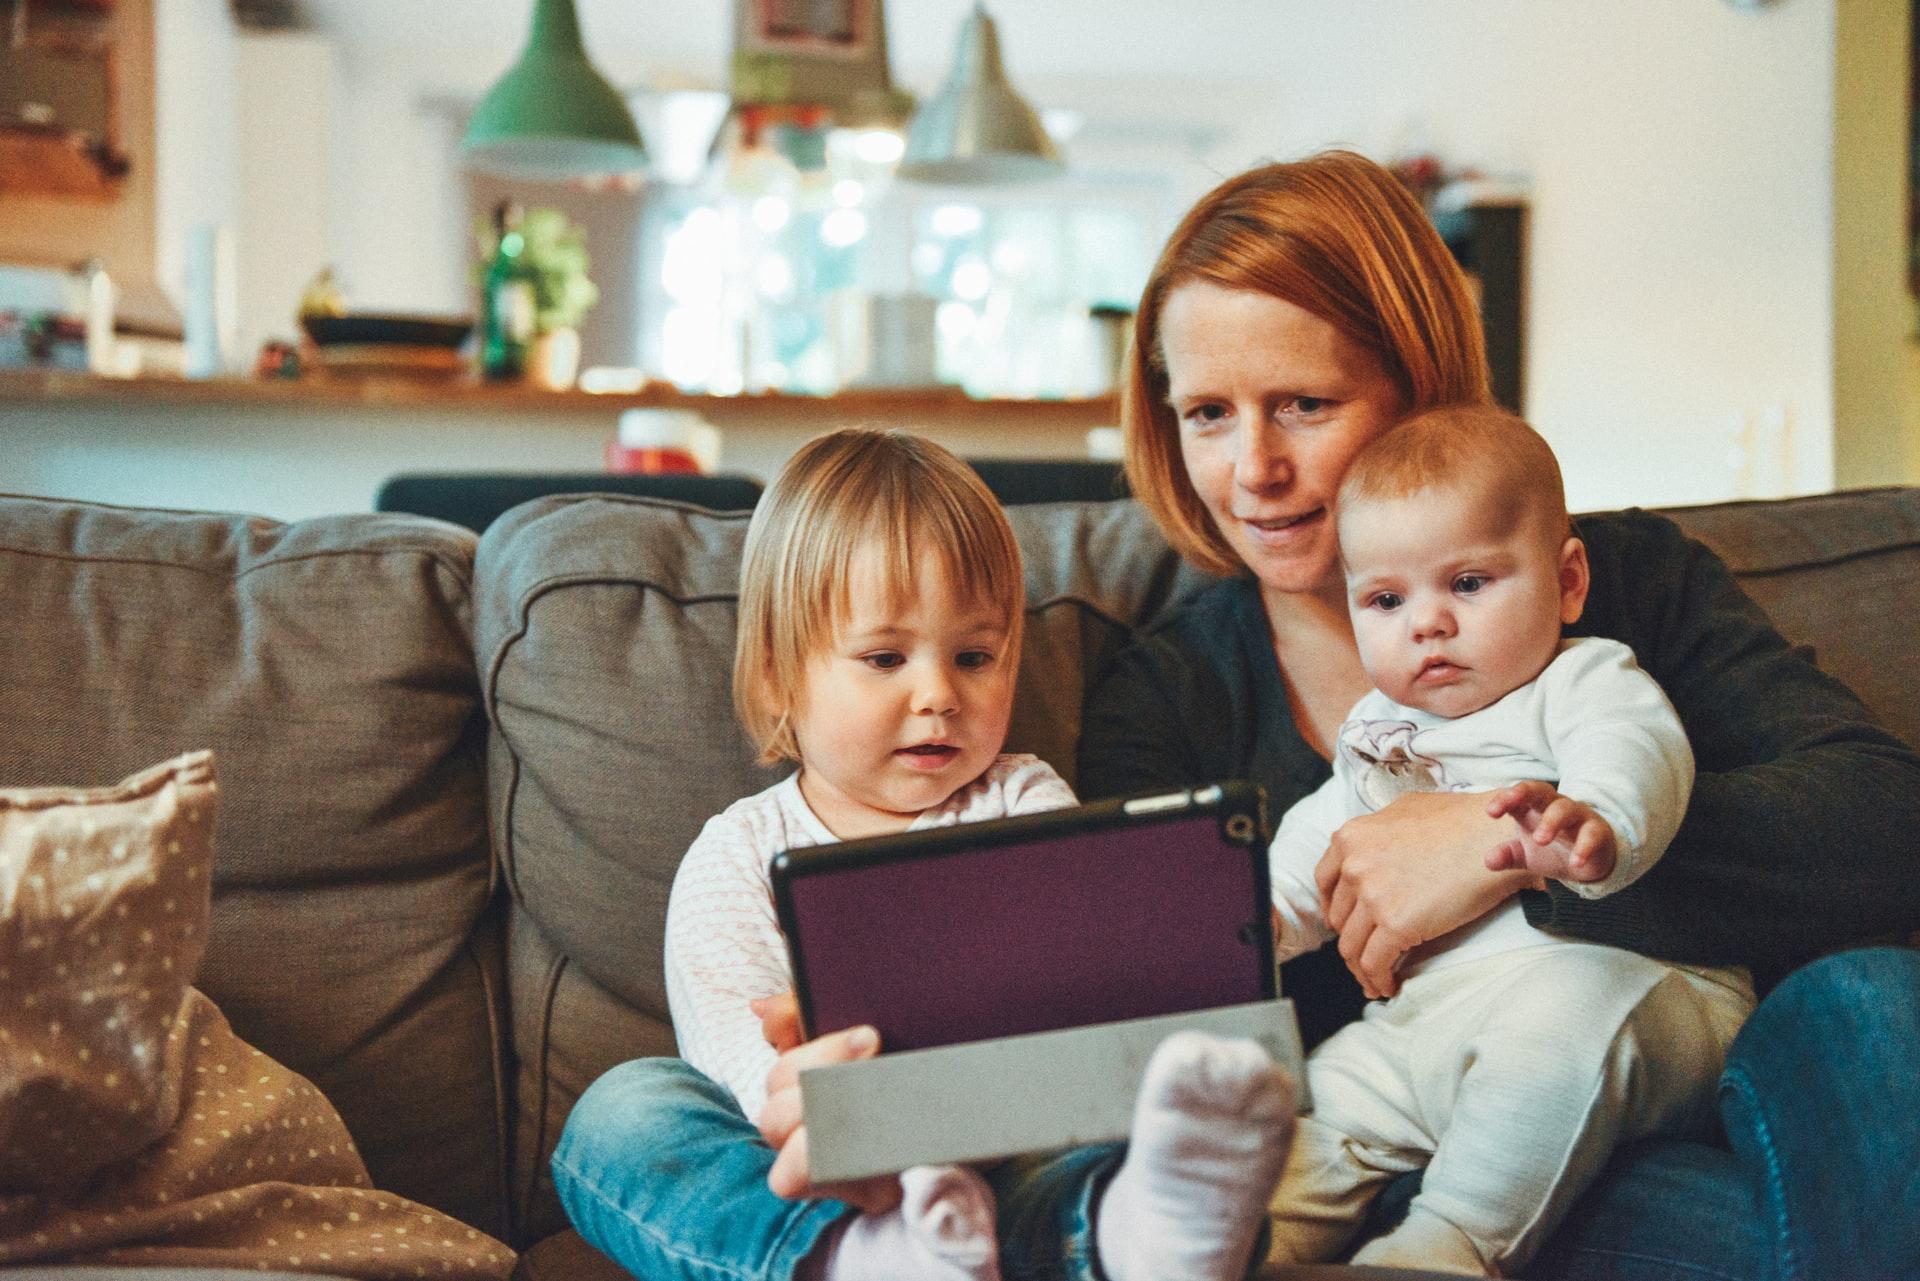 Sklep internetowy idealna praca dla zapracowanych mam - Zdjęcie główne